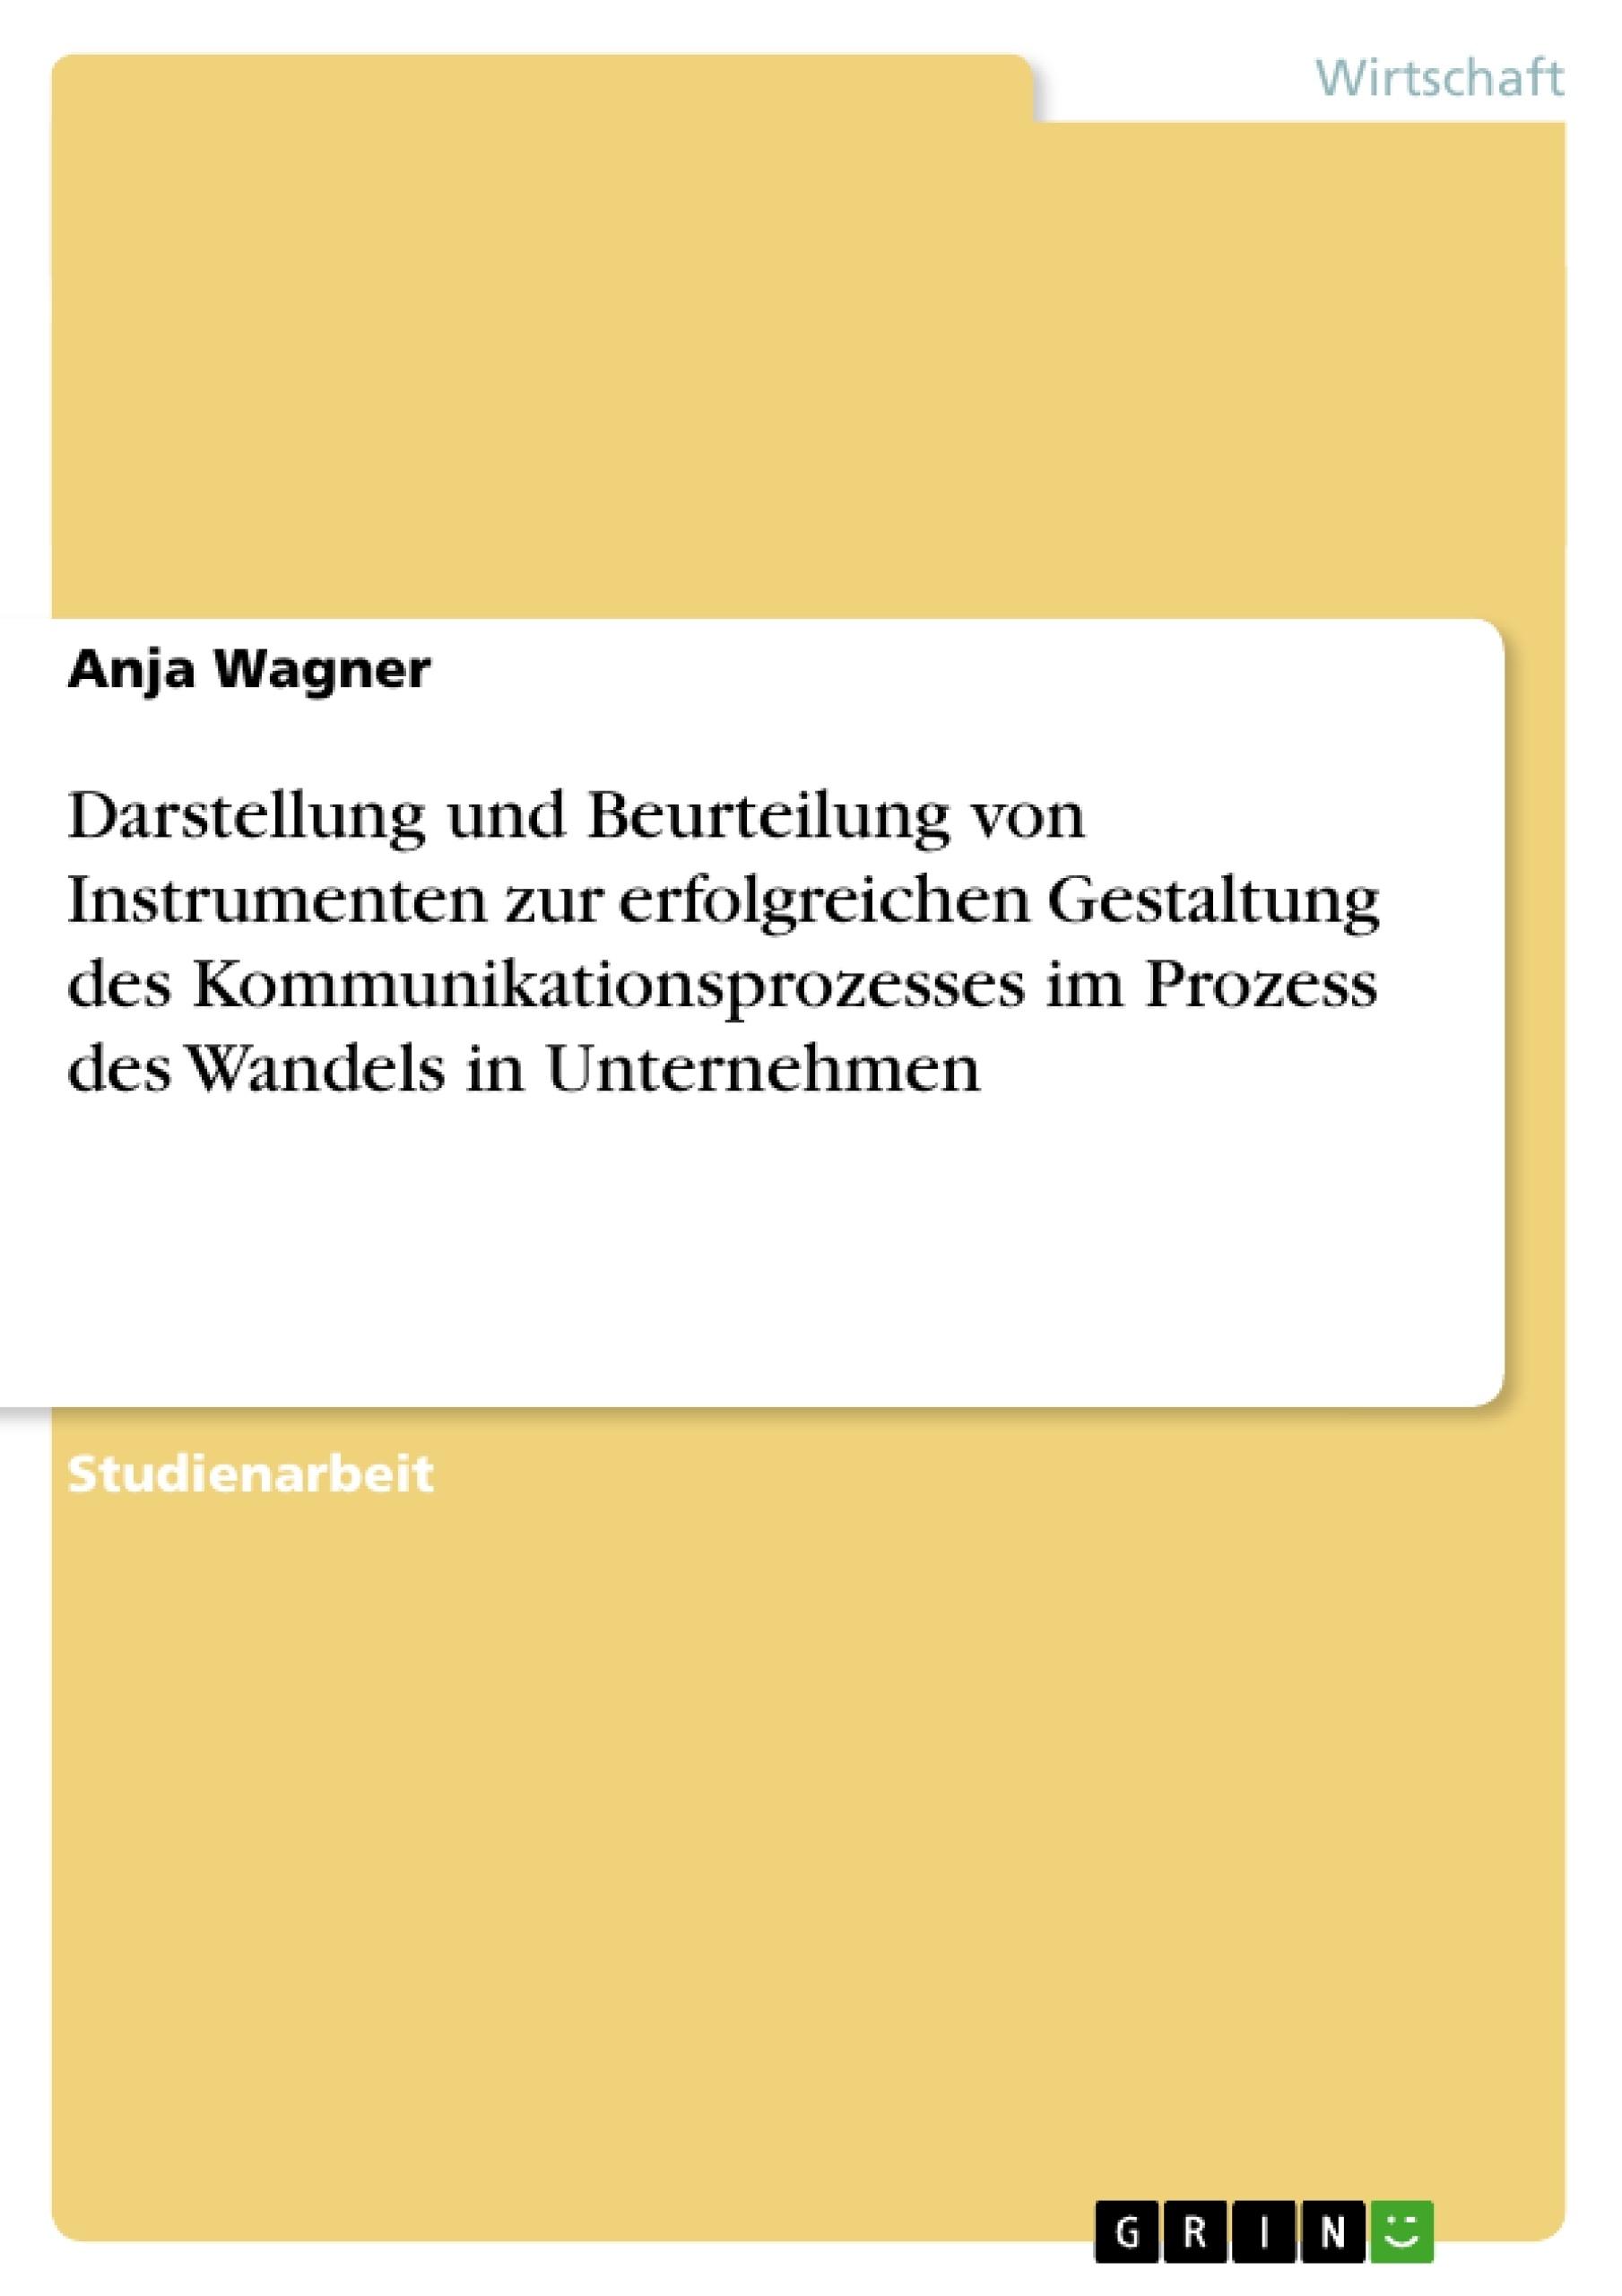 Titel: Darstellung und Beurteilung von Instrumenten zur erfolgreichen Gestaltung des Kommunikationsprozesses im Prozess des Wandels in Unternehmen